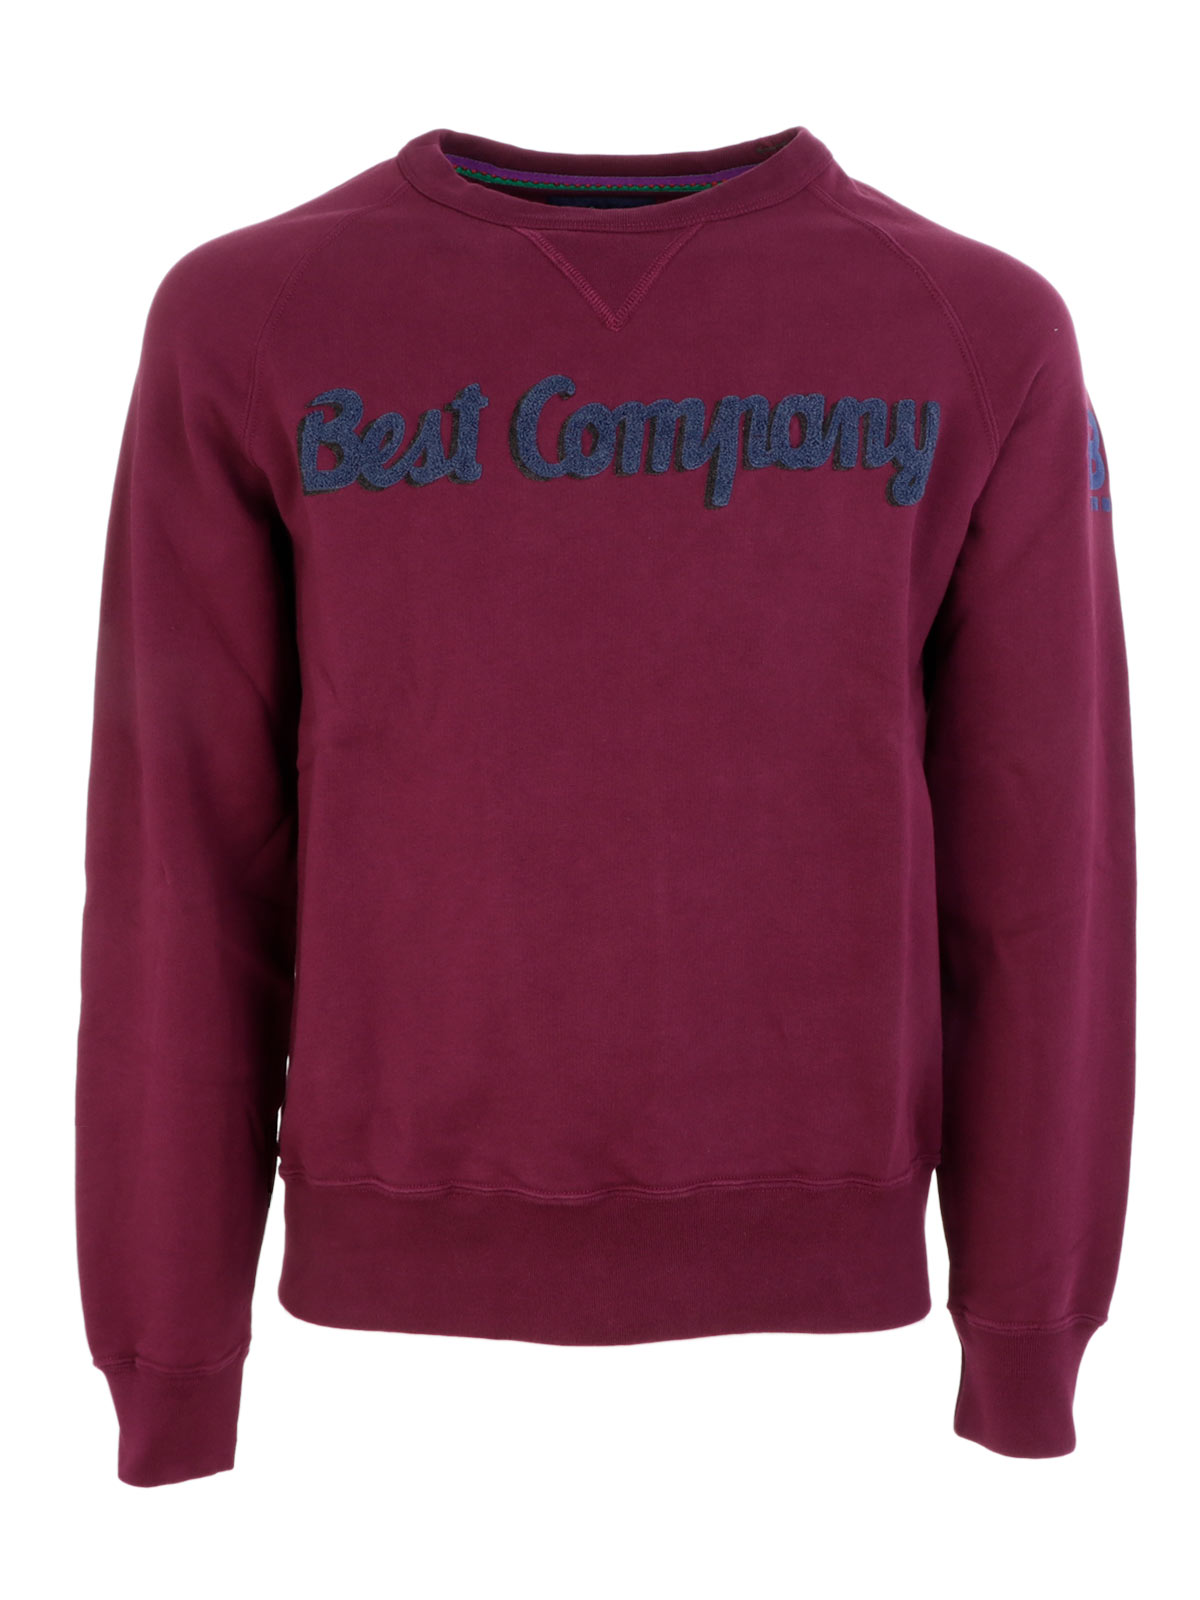 Picture of BEST COMPANY | Men's Crewneck Sweatshirt